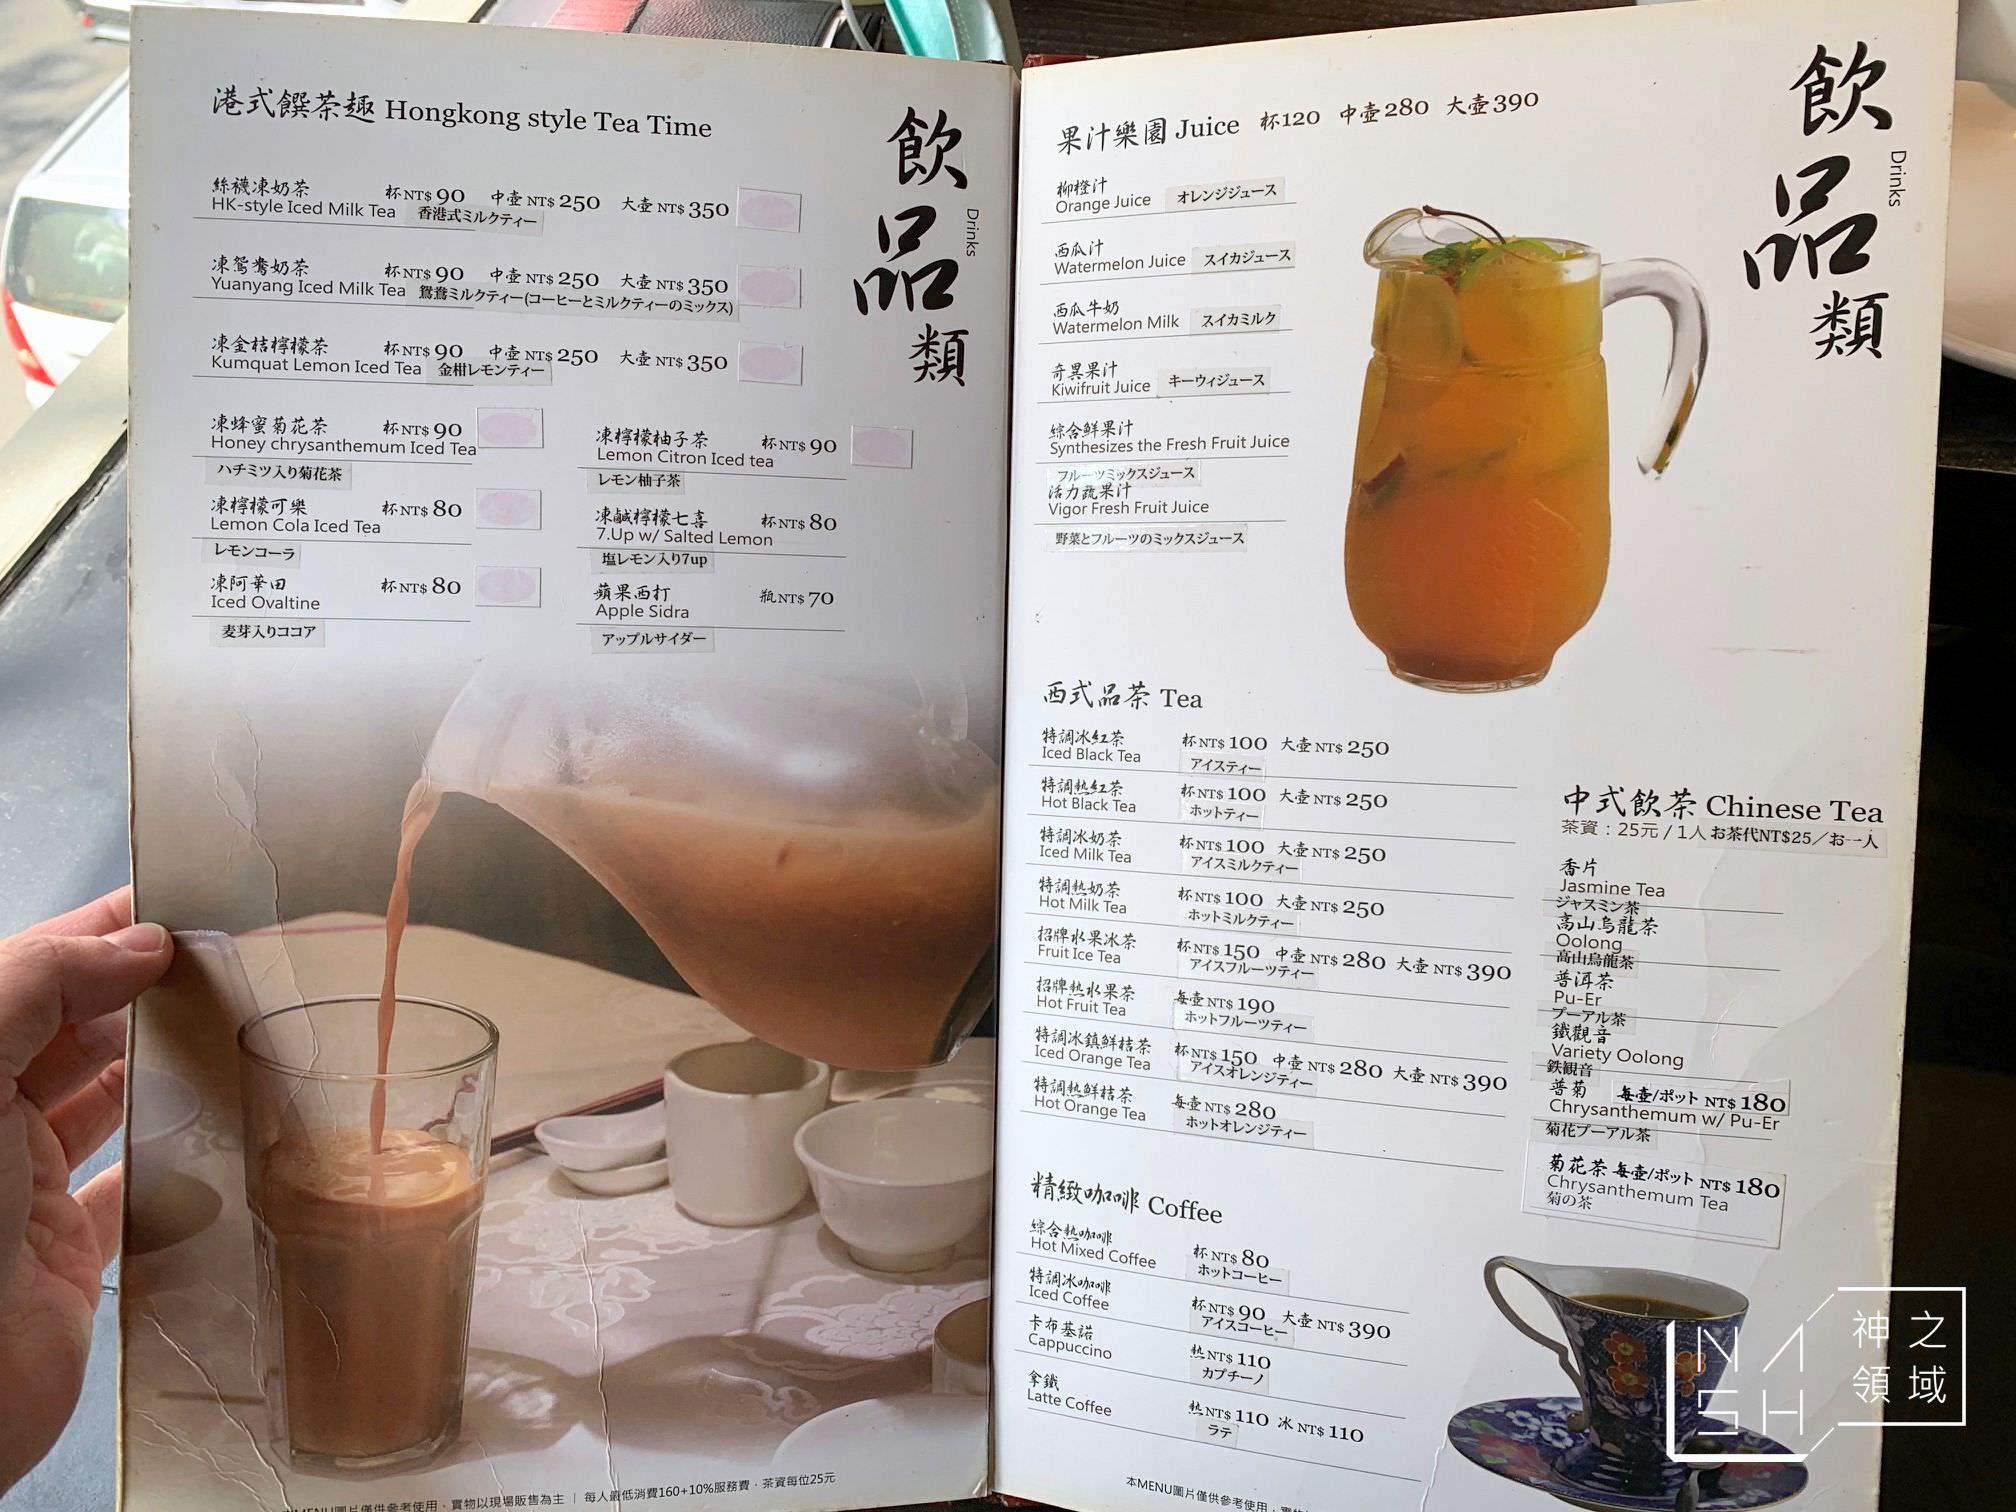 紅磡港式飲茶